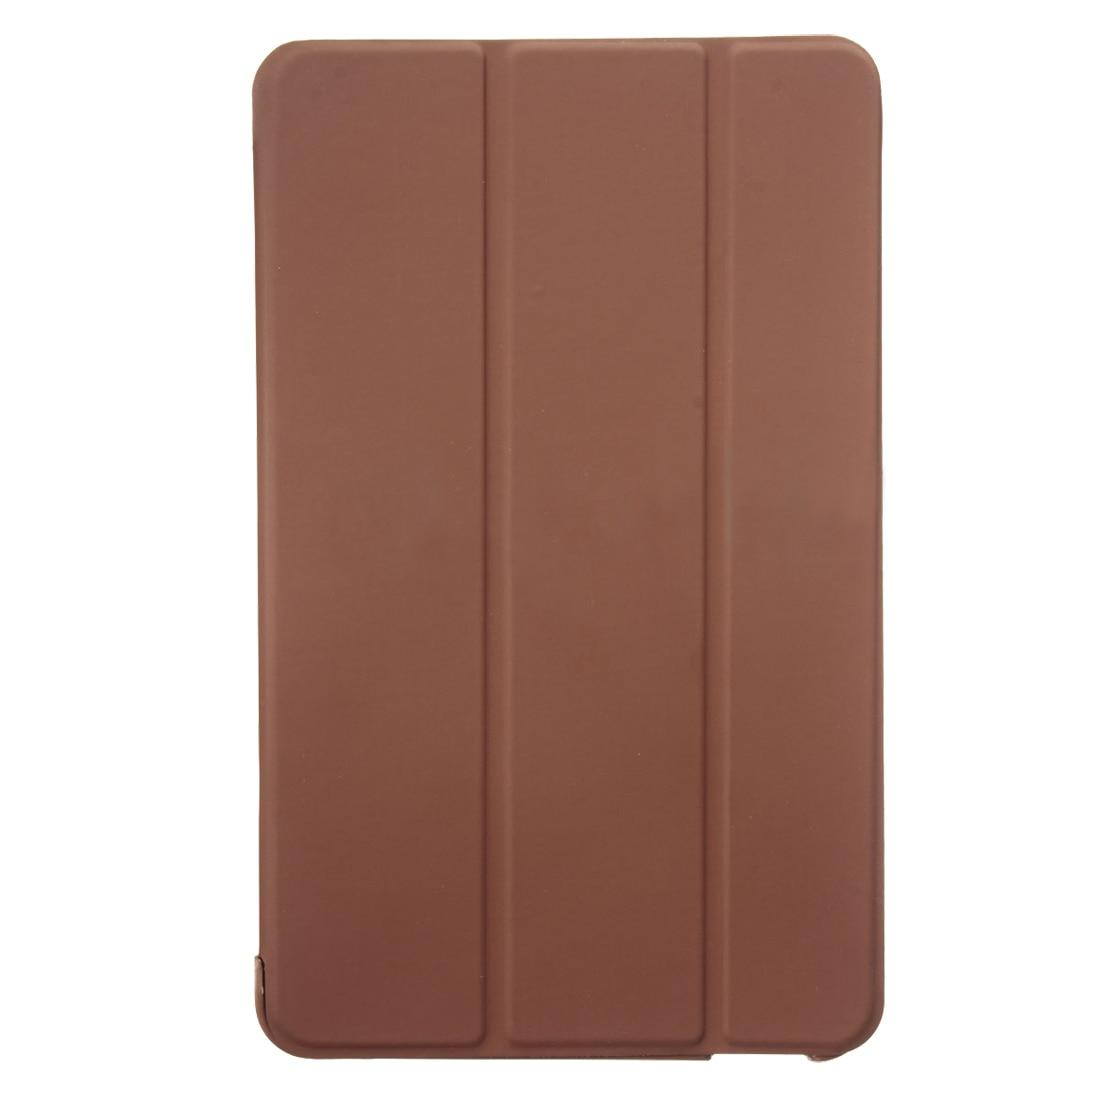 Для huawei MediaPad T1 8,0 S8-701U планшет чехол крышка Подставка держатель ультра тонкий Цвет: коричневый